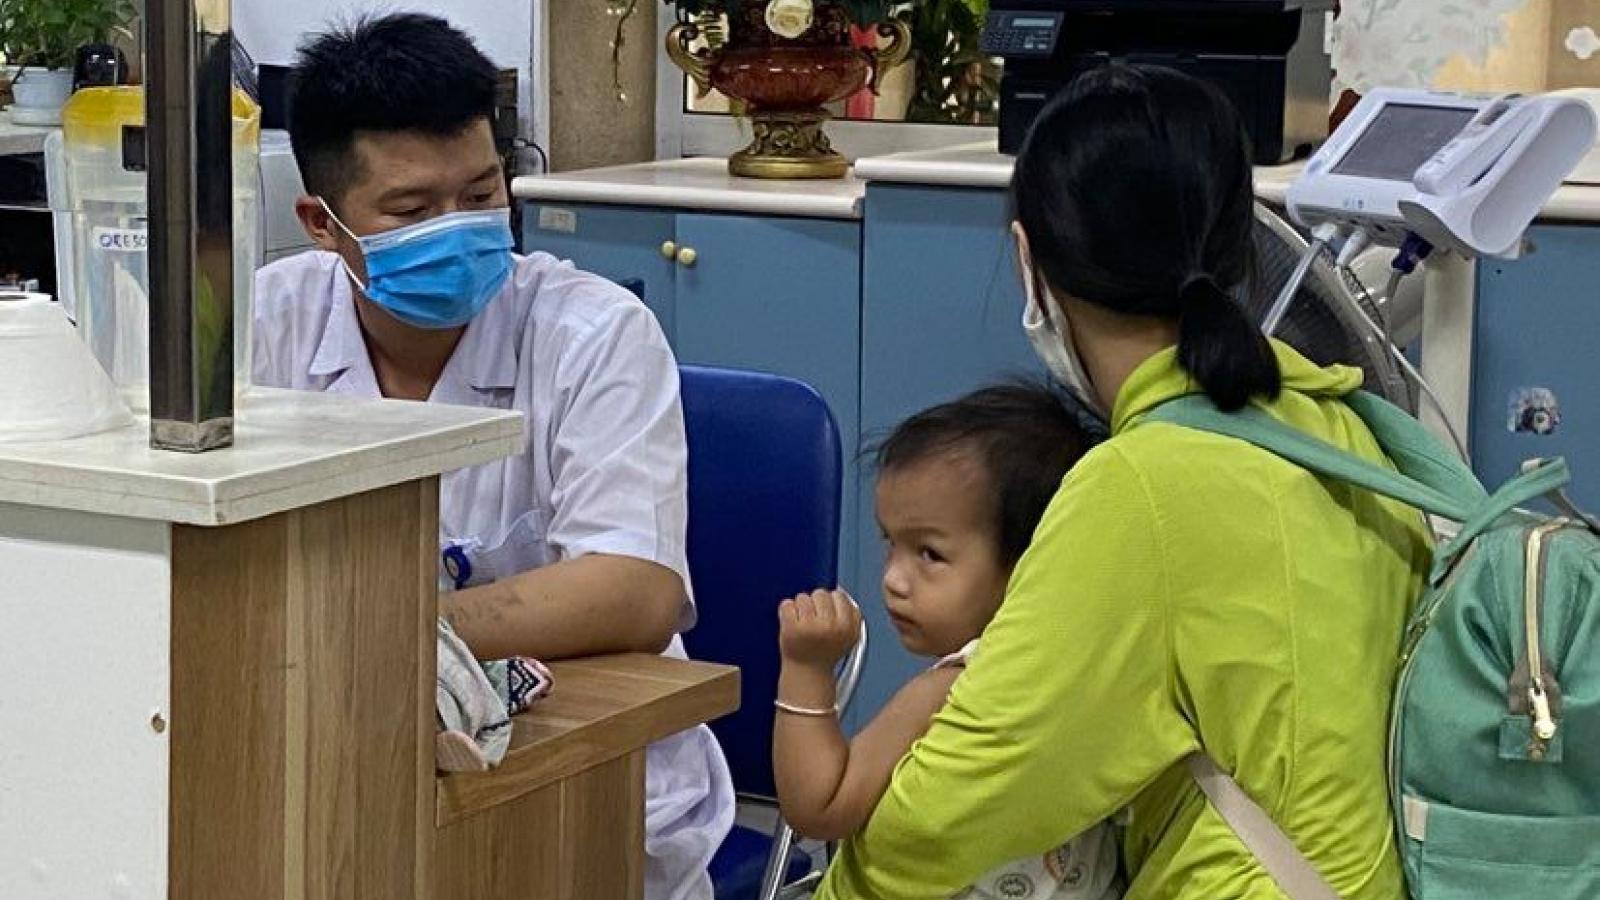 Vào hè, nguy cơ gia tăng trẻ mắc các bệnh truyền nhiễm